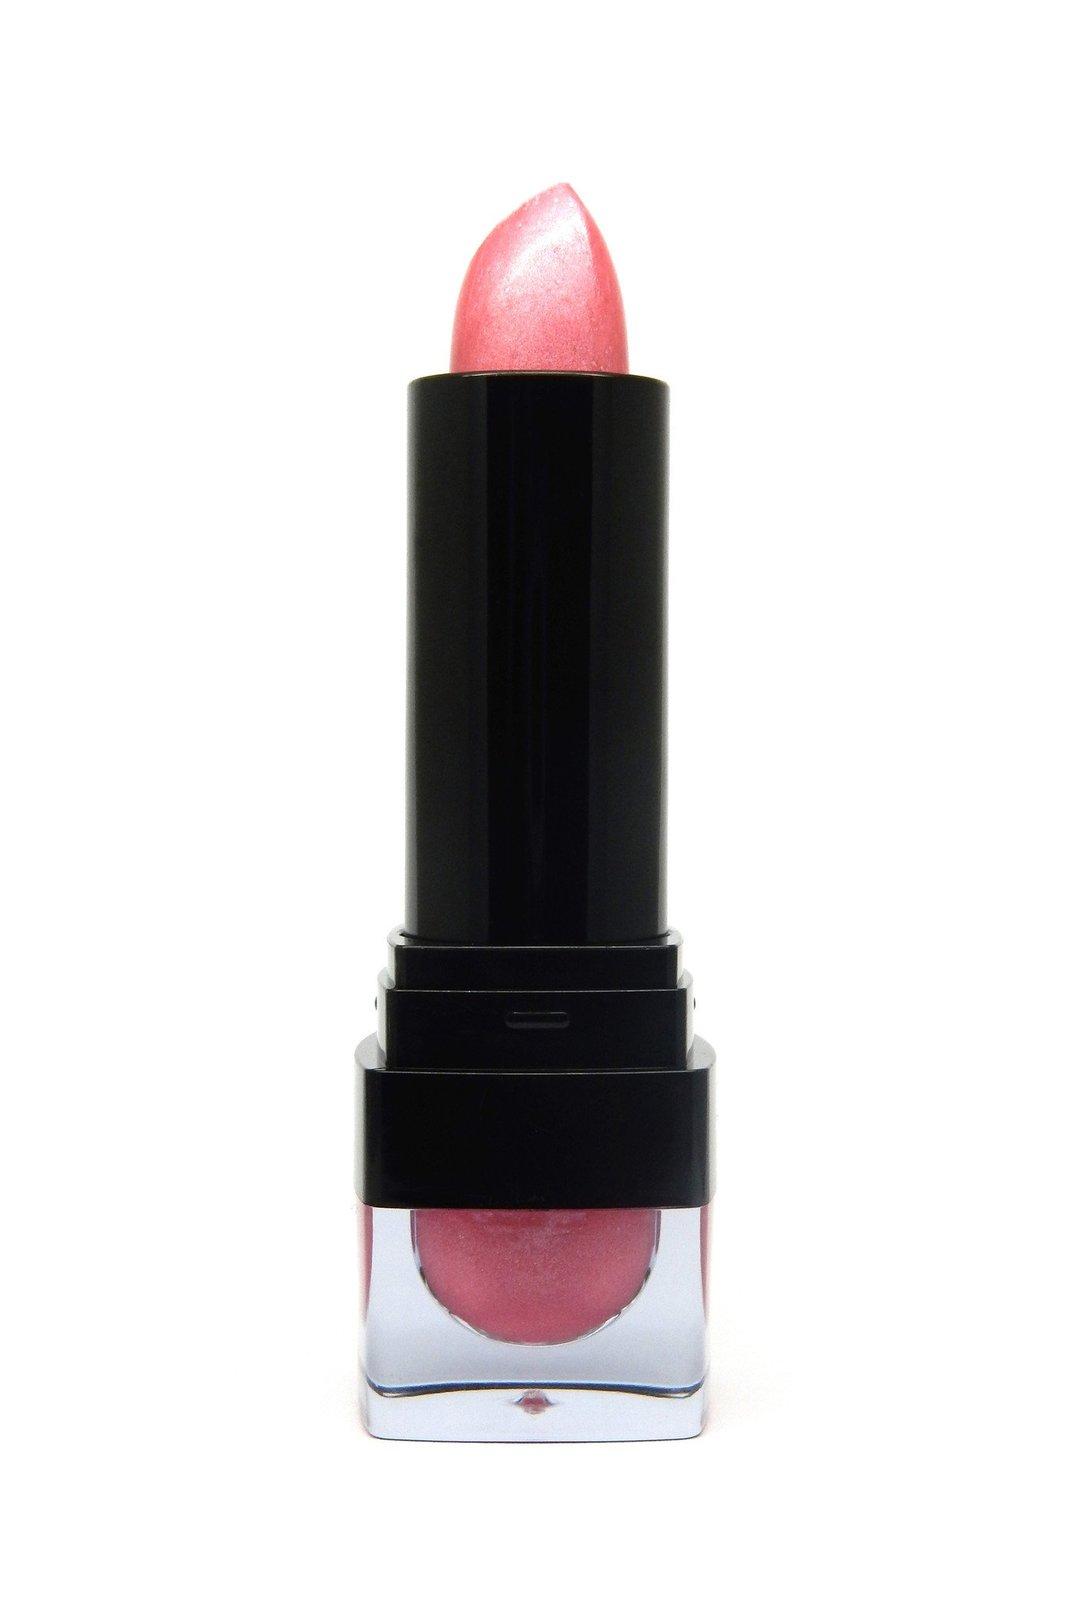 W7 Kiss Lipstick Pinks (Negligee) image